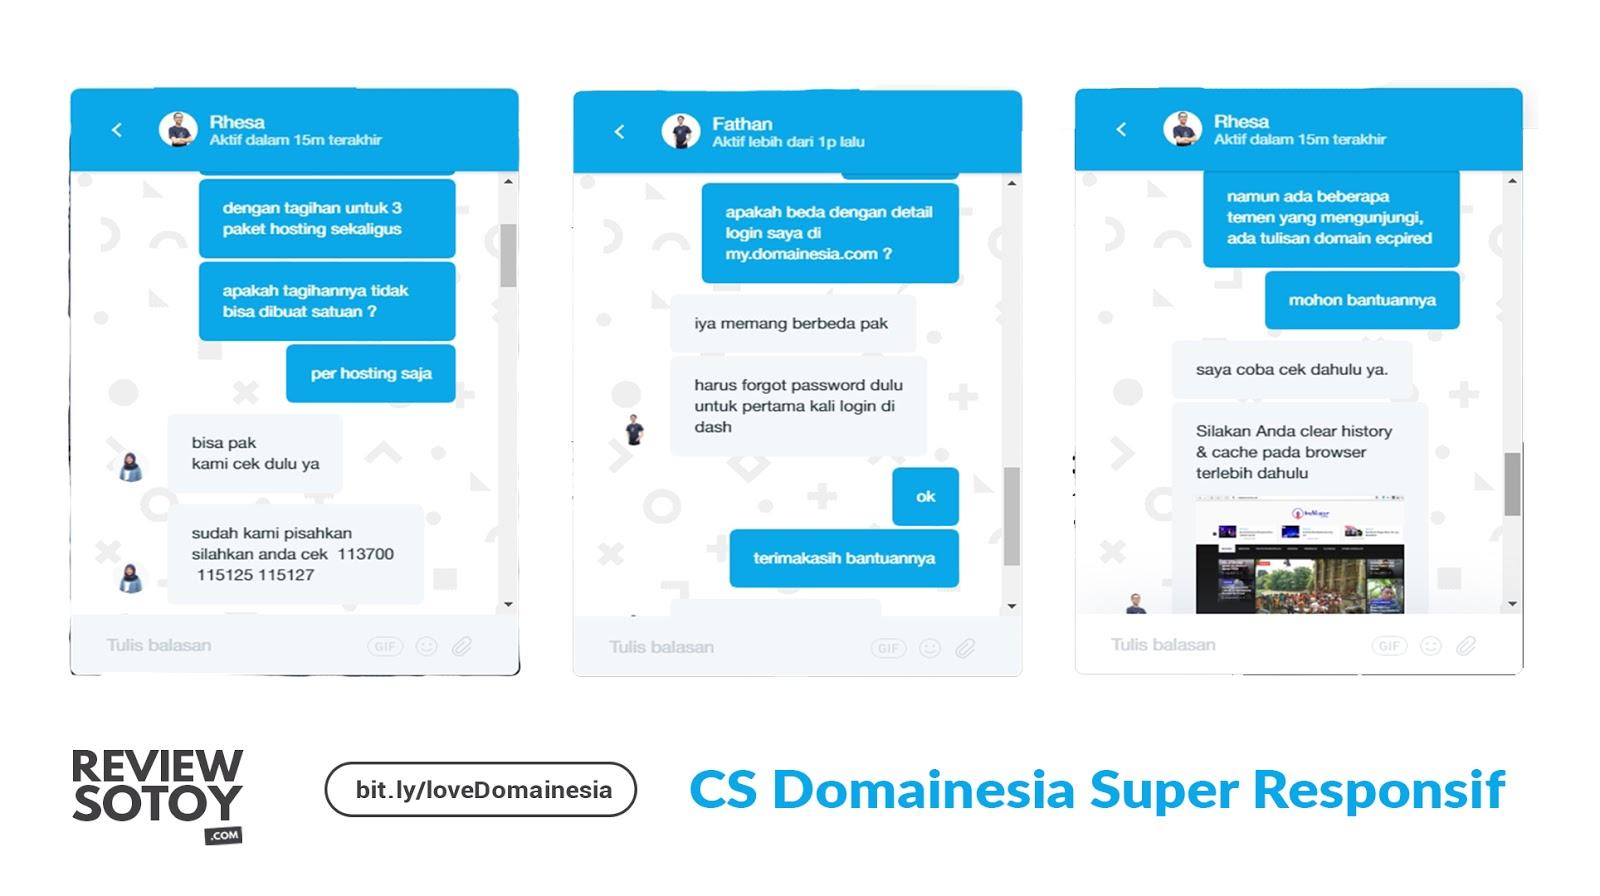 Merintis Karir Sebagai Web Developer Bersama Domainesia Review Sotoy